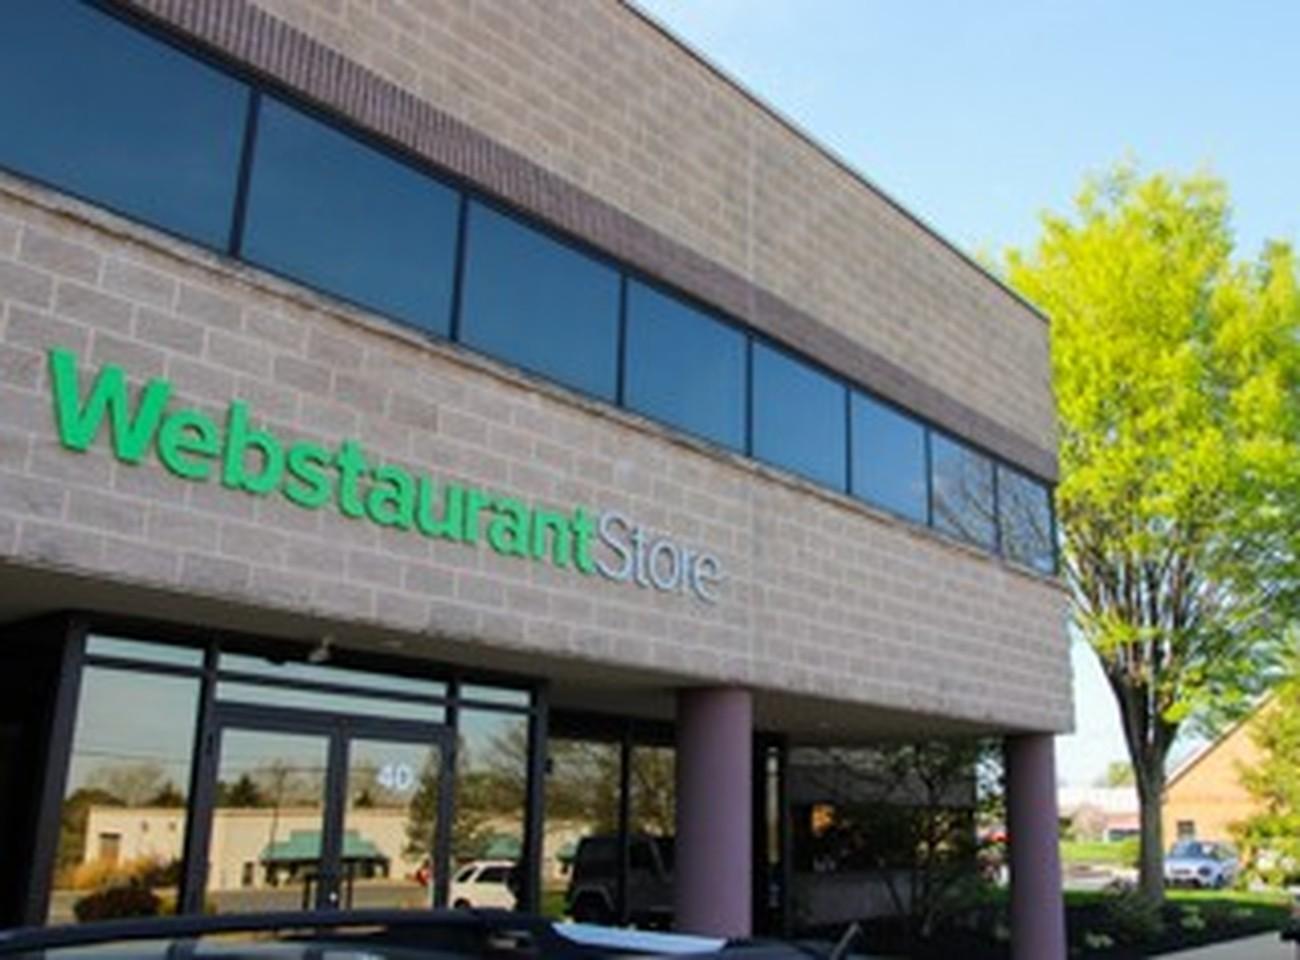 WebstaurantStore Careers